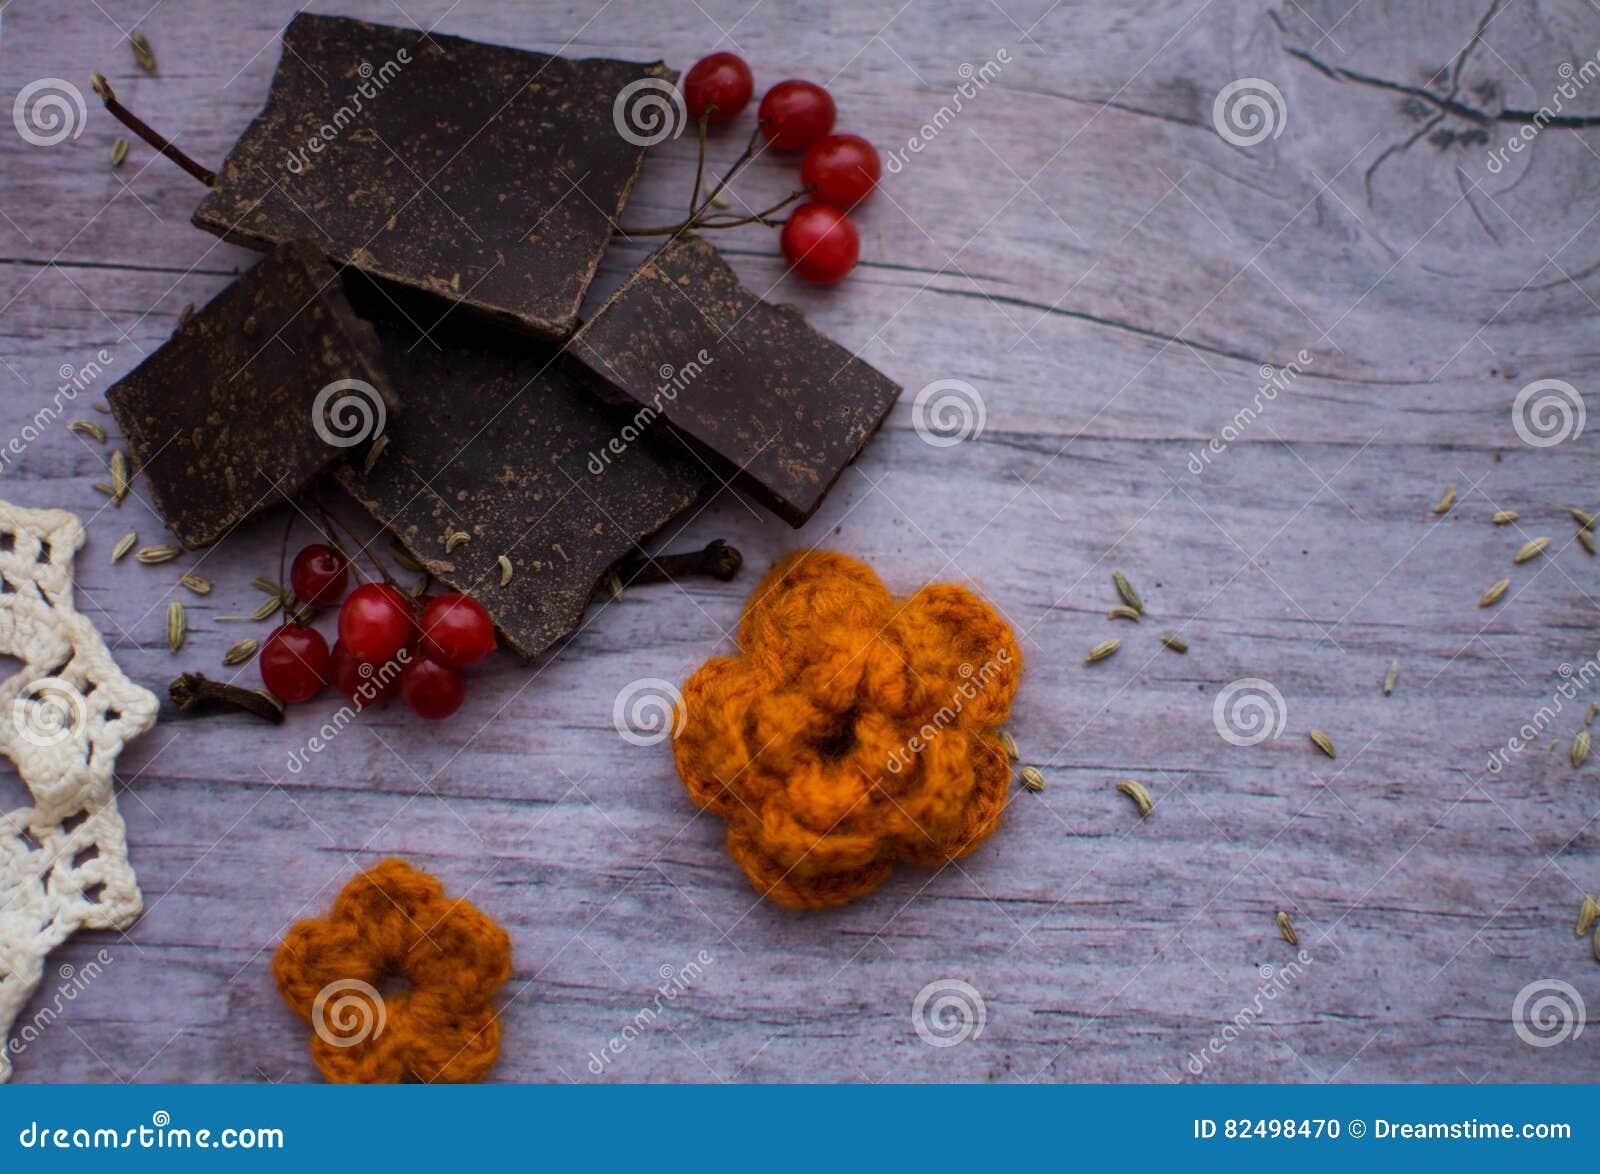 Un Morceau De Chocolat De Canneberge Et De Fleur Tricotee Sur Une